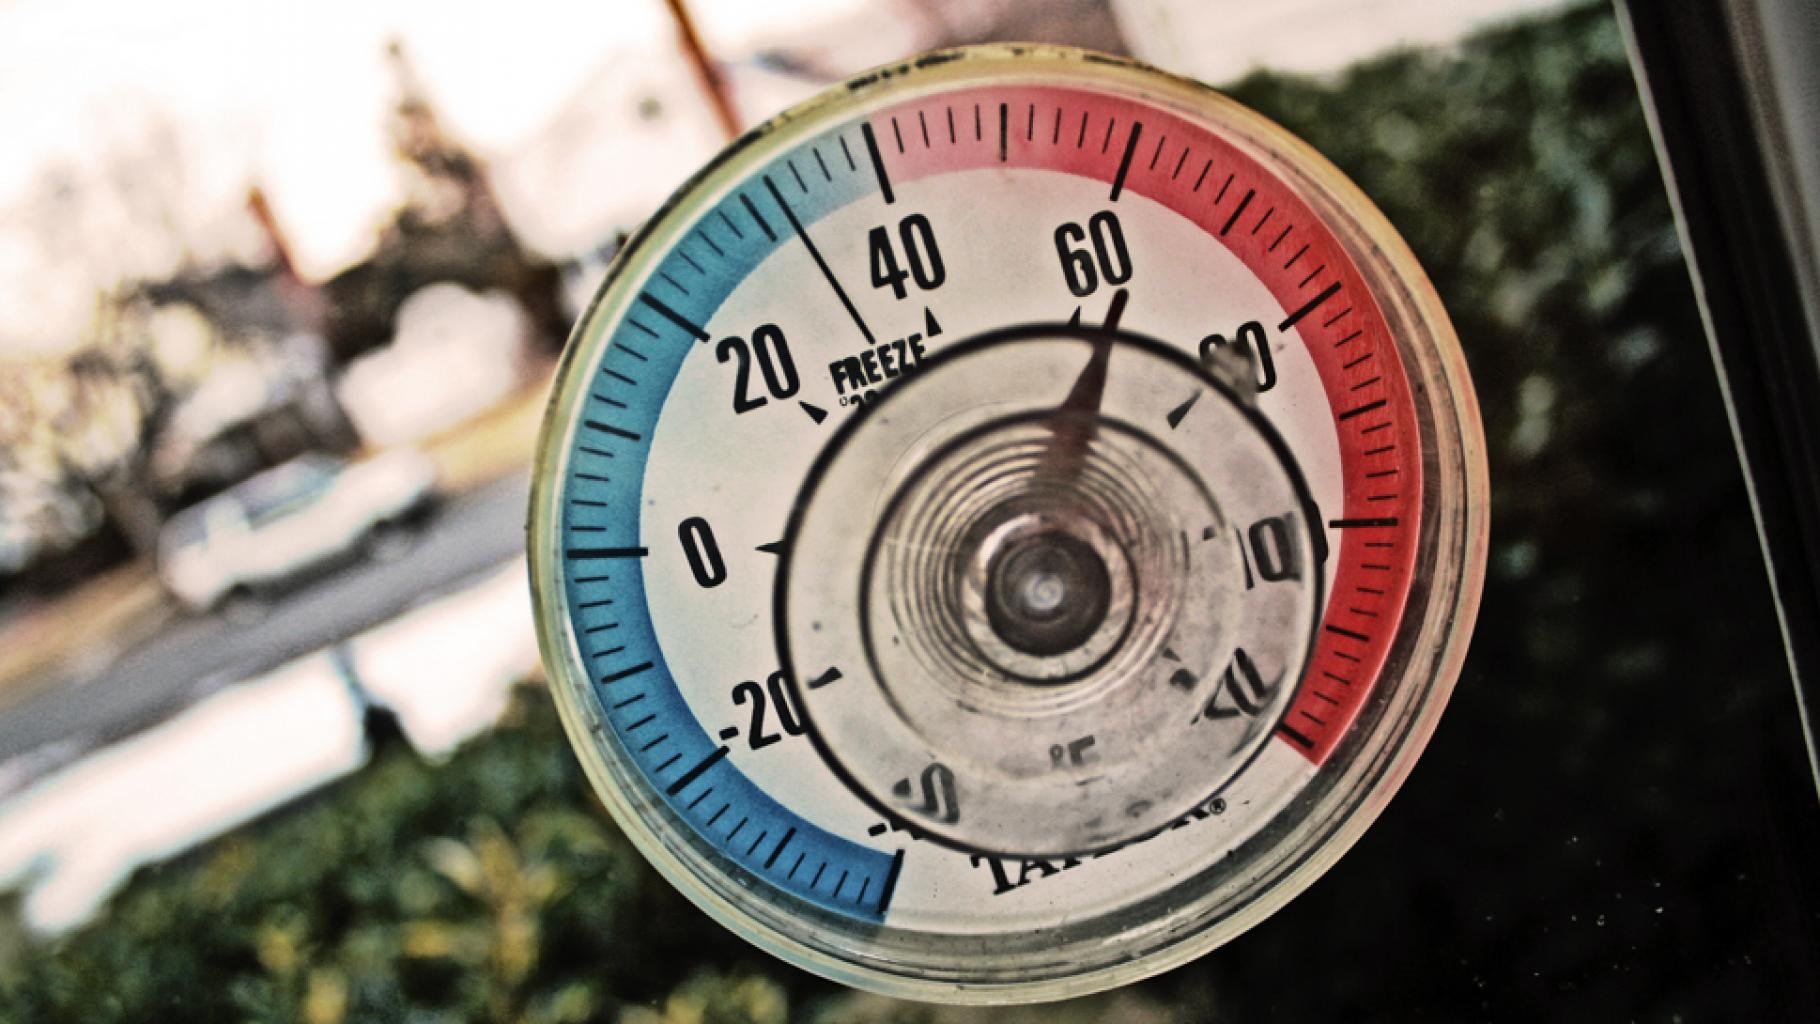 Klimawandel: Nur ein paar Grad mehr wirken tödlich.